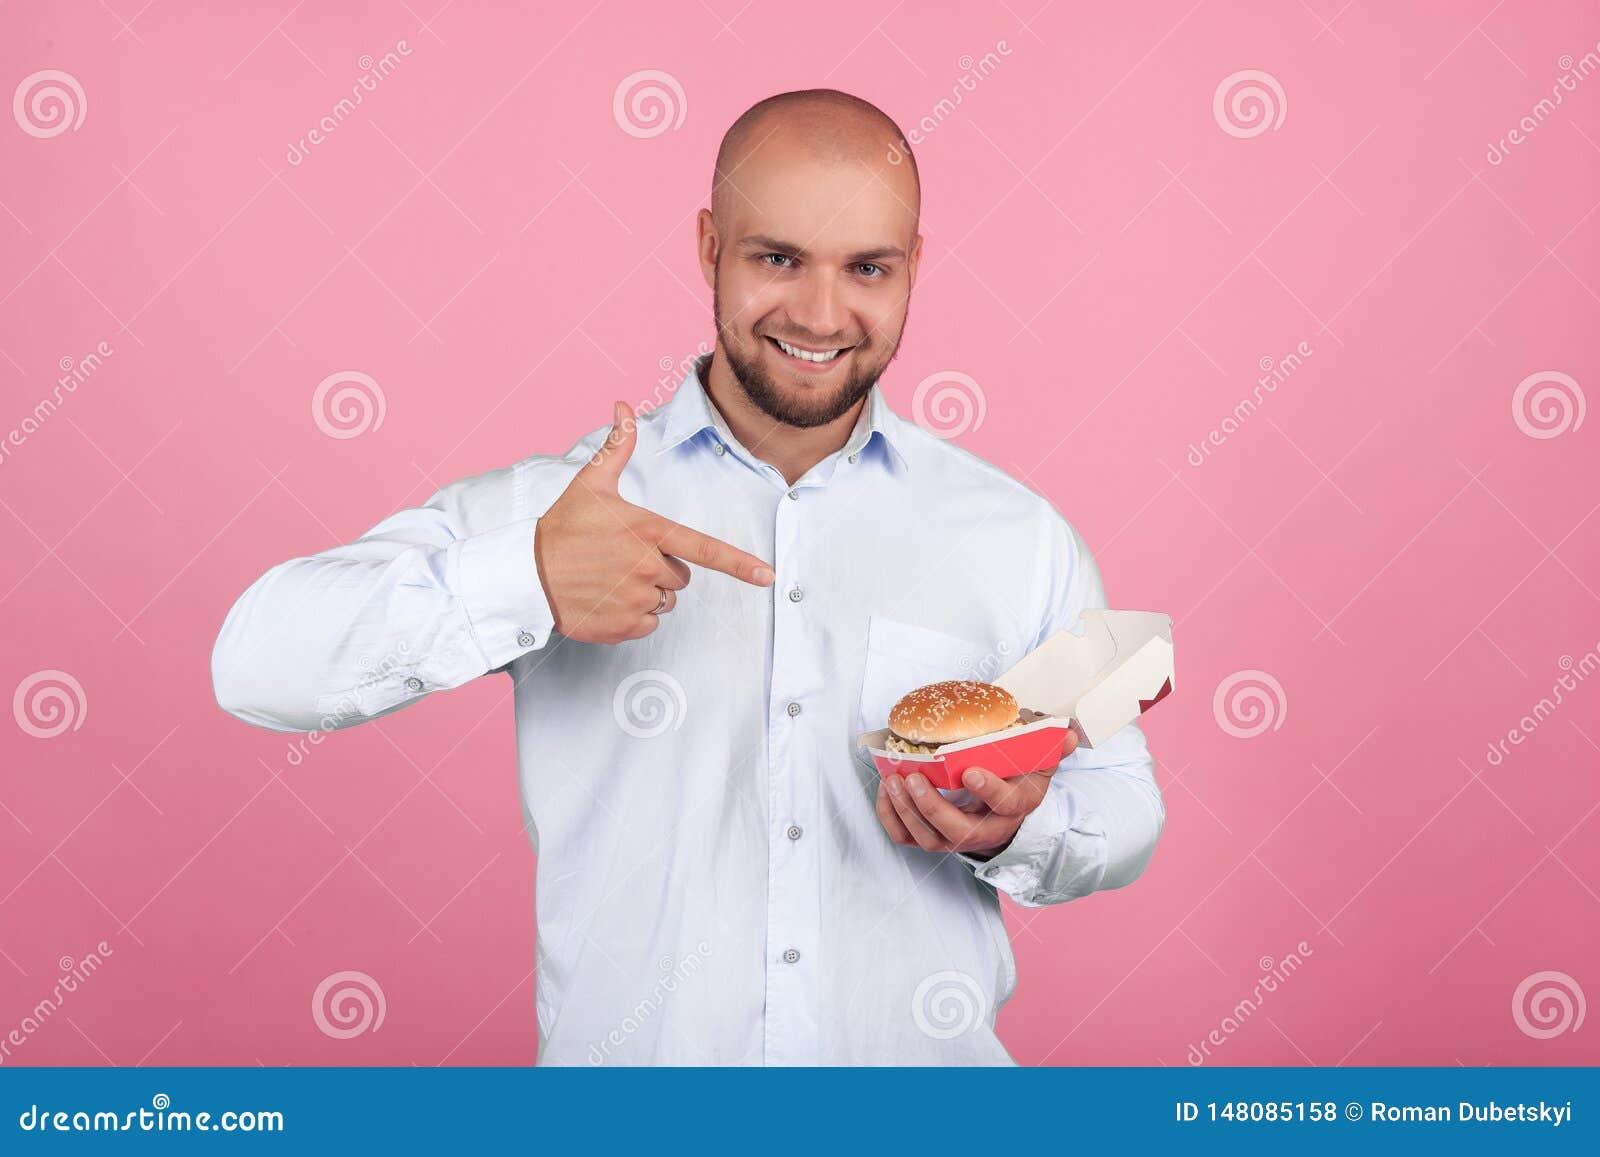 Ein erfüllter Mann mit einem üppigen Bart und ein Kahlkopf Punkte sein Finger zum Burger, den er in seinen Händen und in Blicken